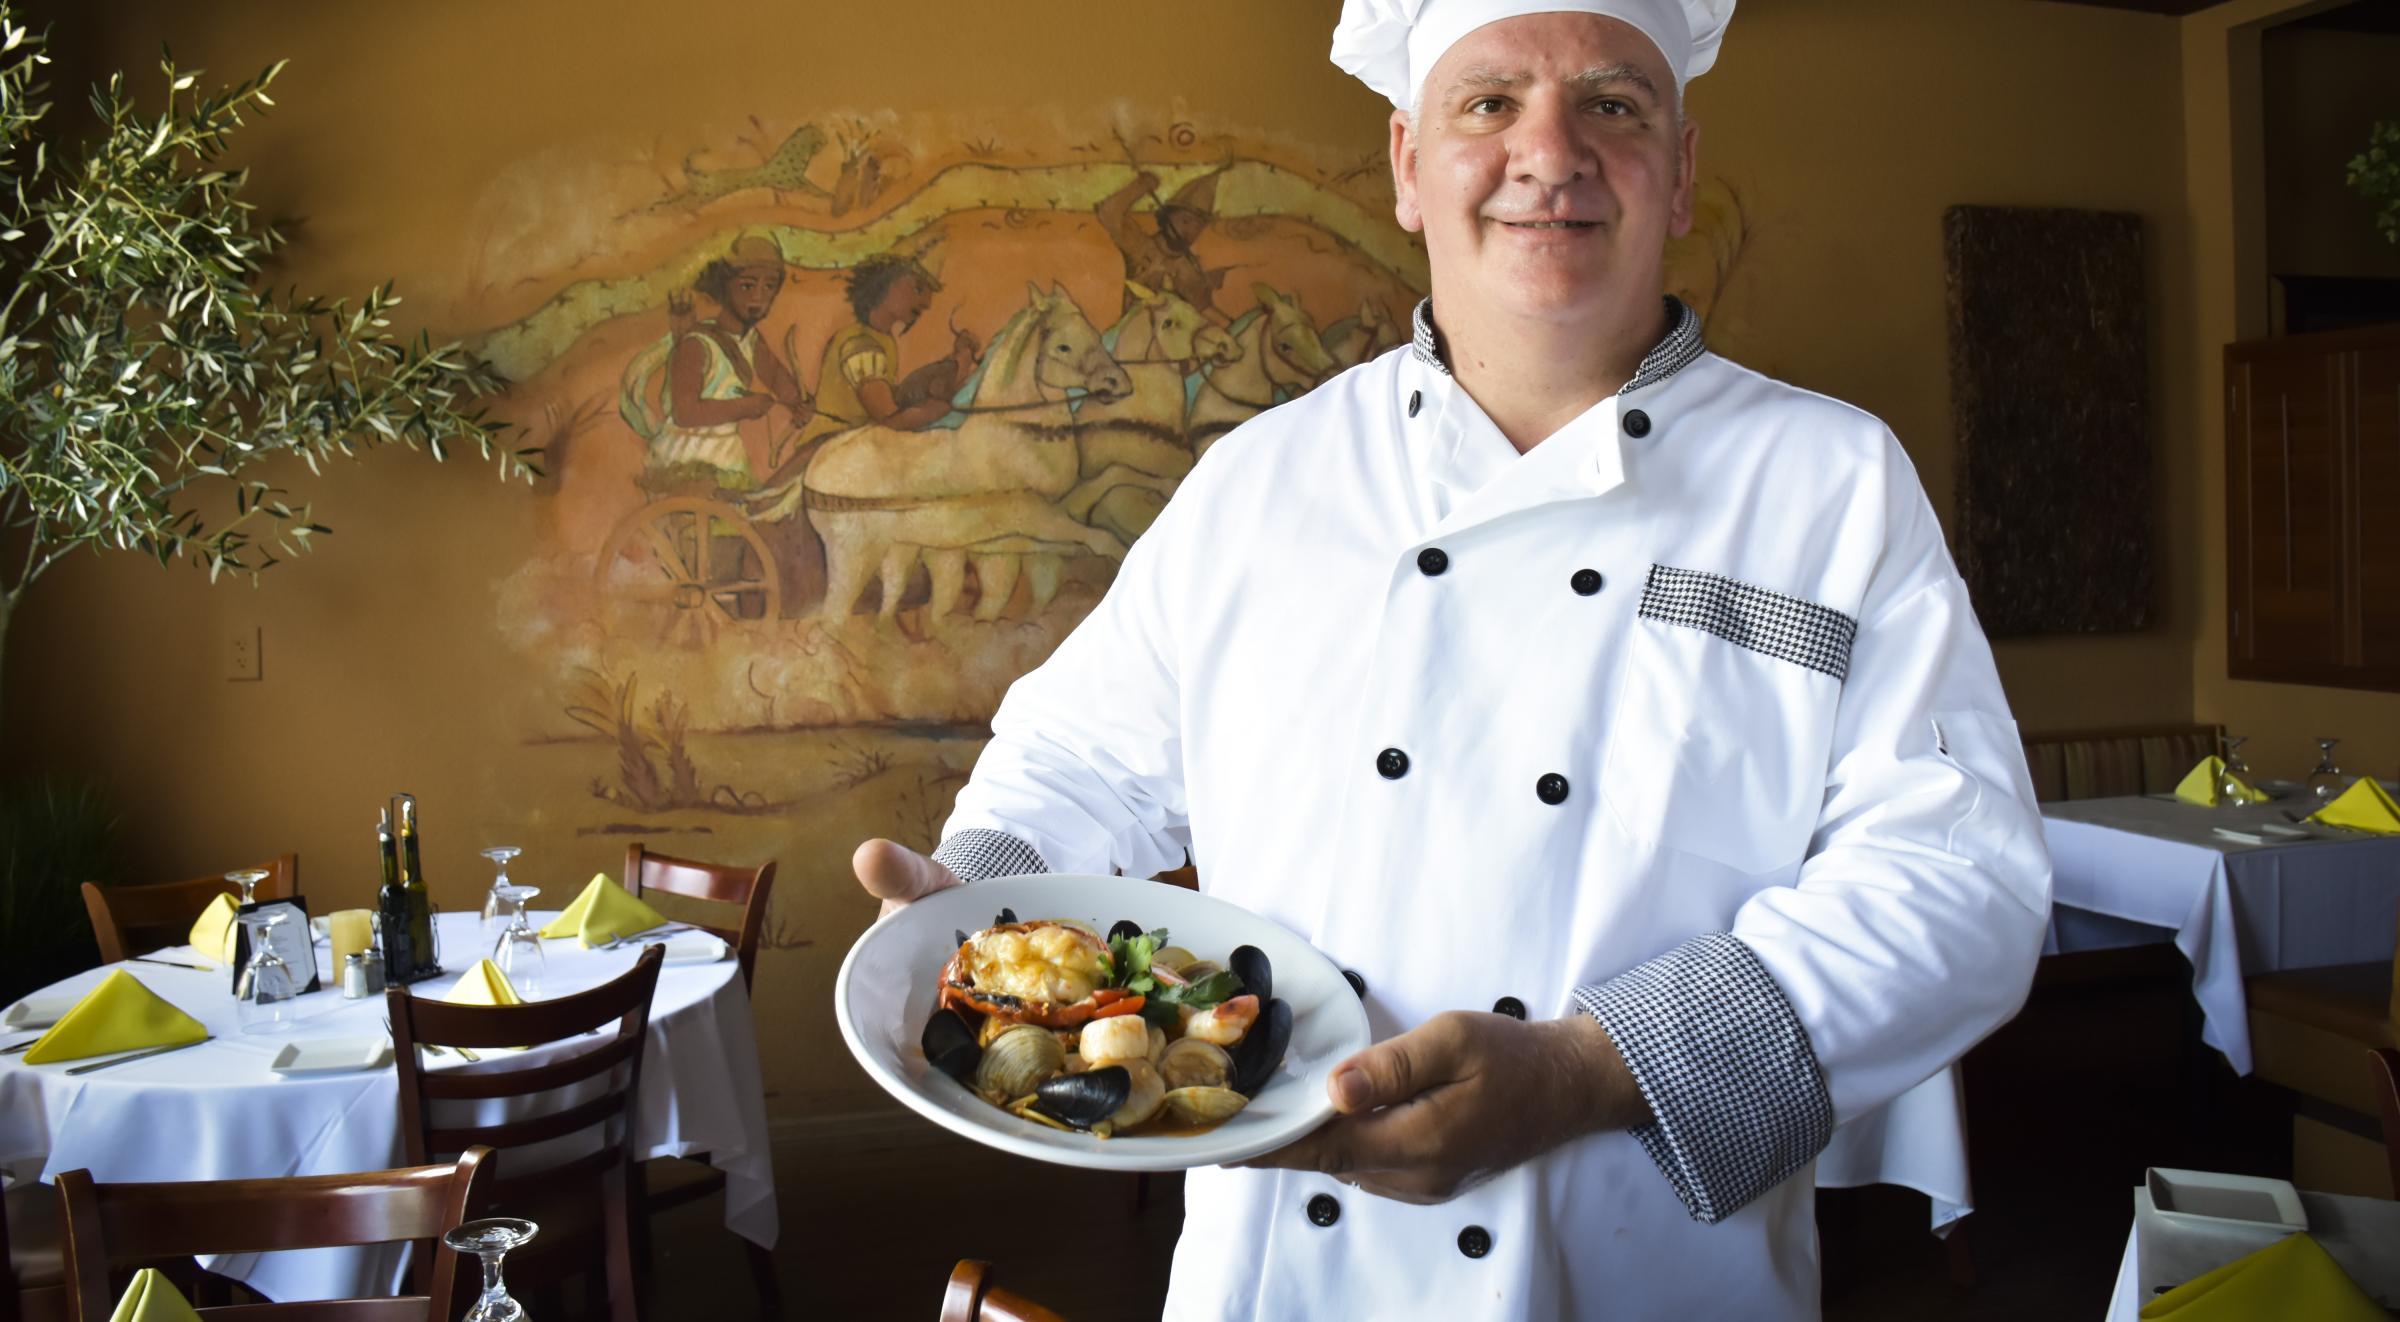 The head chef of Chianti